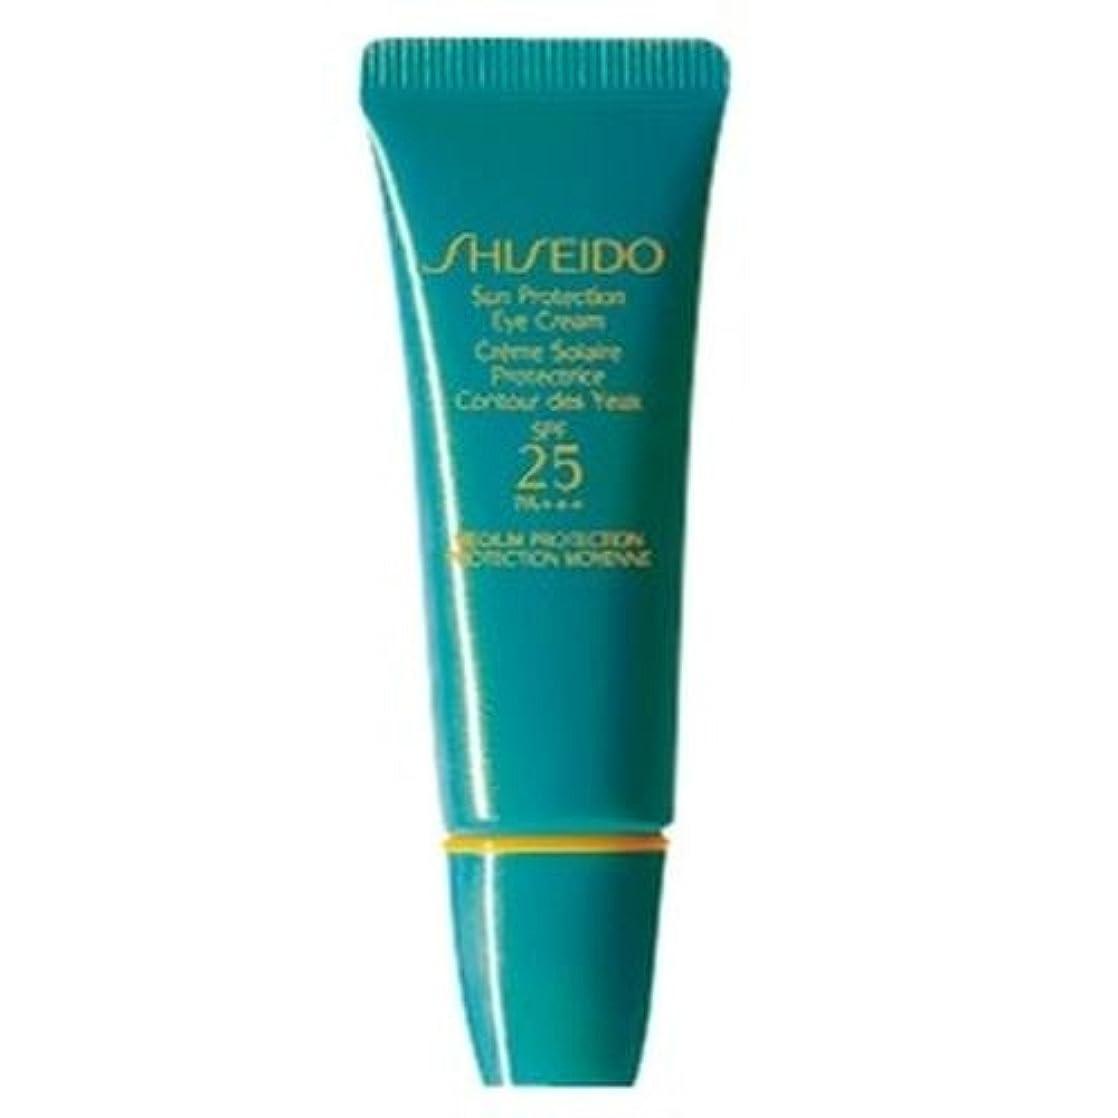 お世話になった好意的ストレンジャー[Shiseido] 資生堂サンプロテクションアイクリーム15ミリリットル - Shiseido Sun Protection Eye Cream 15ml [並行輸入品]